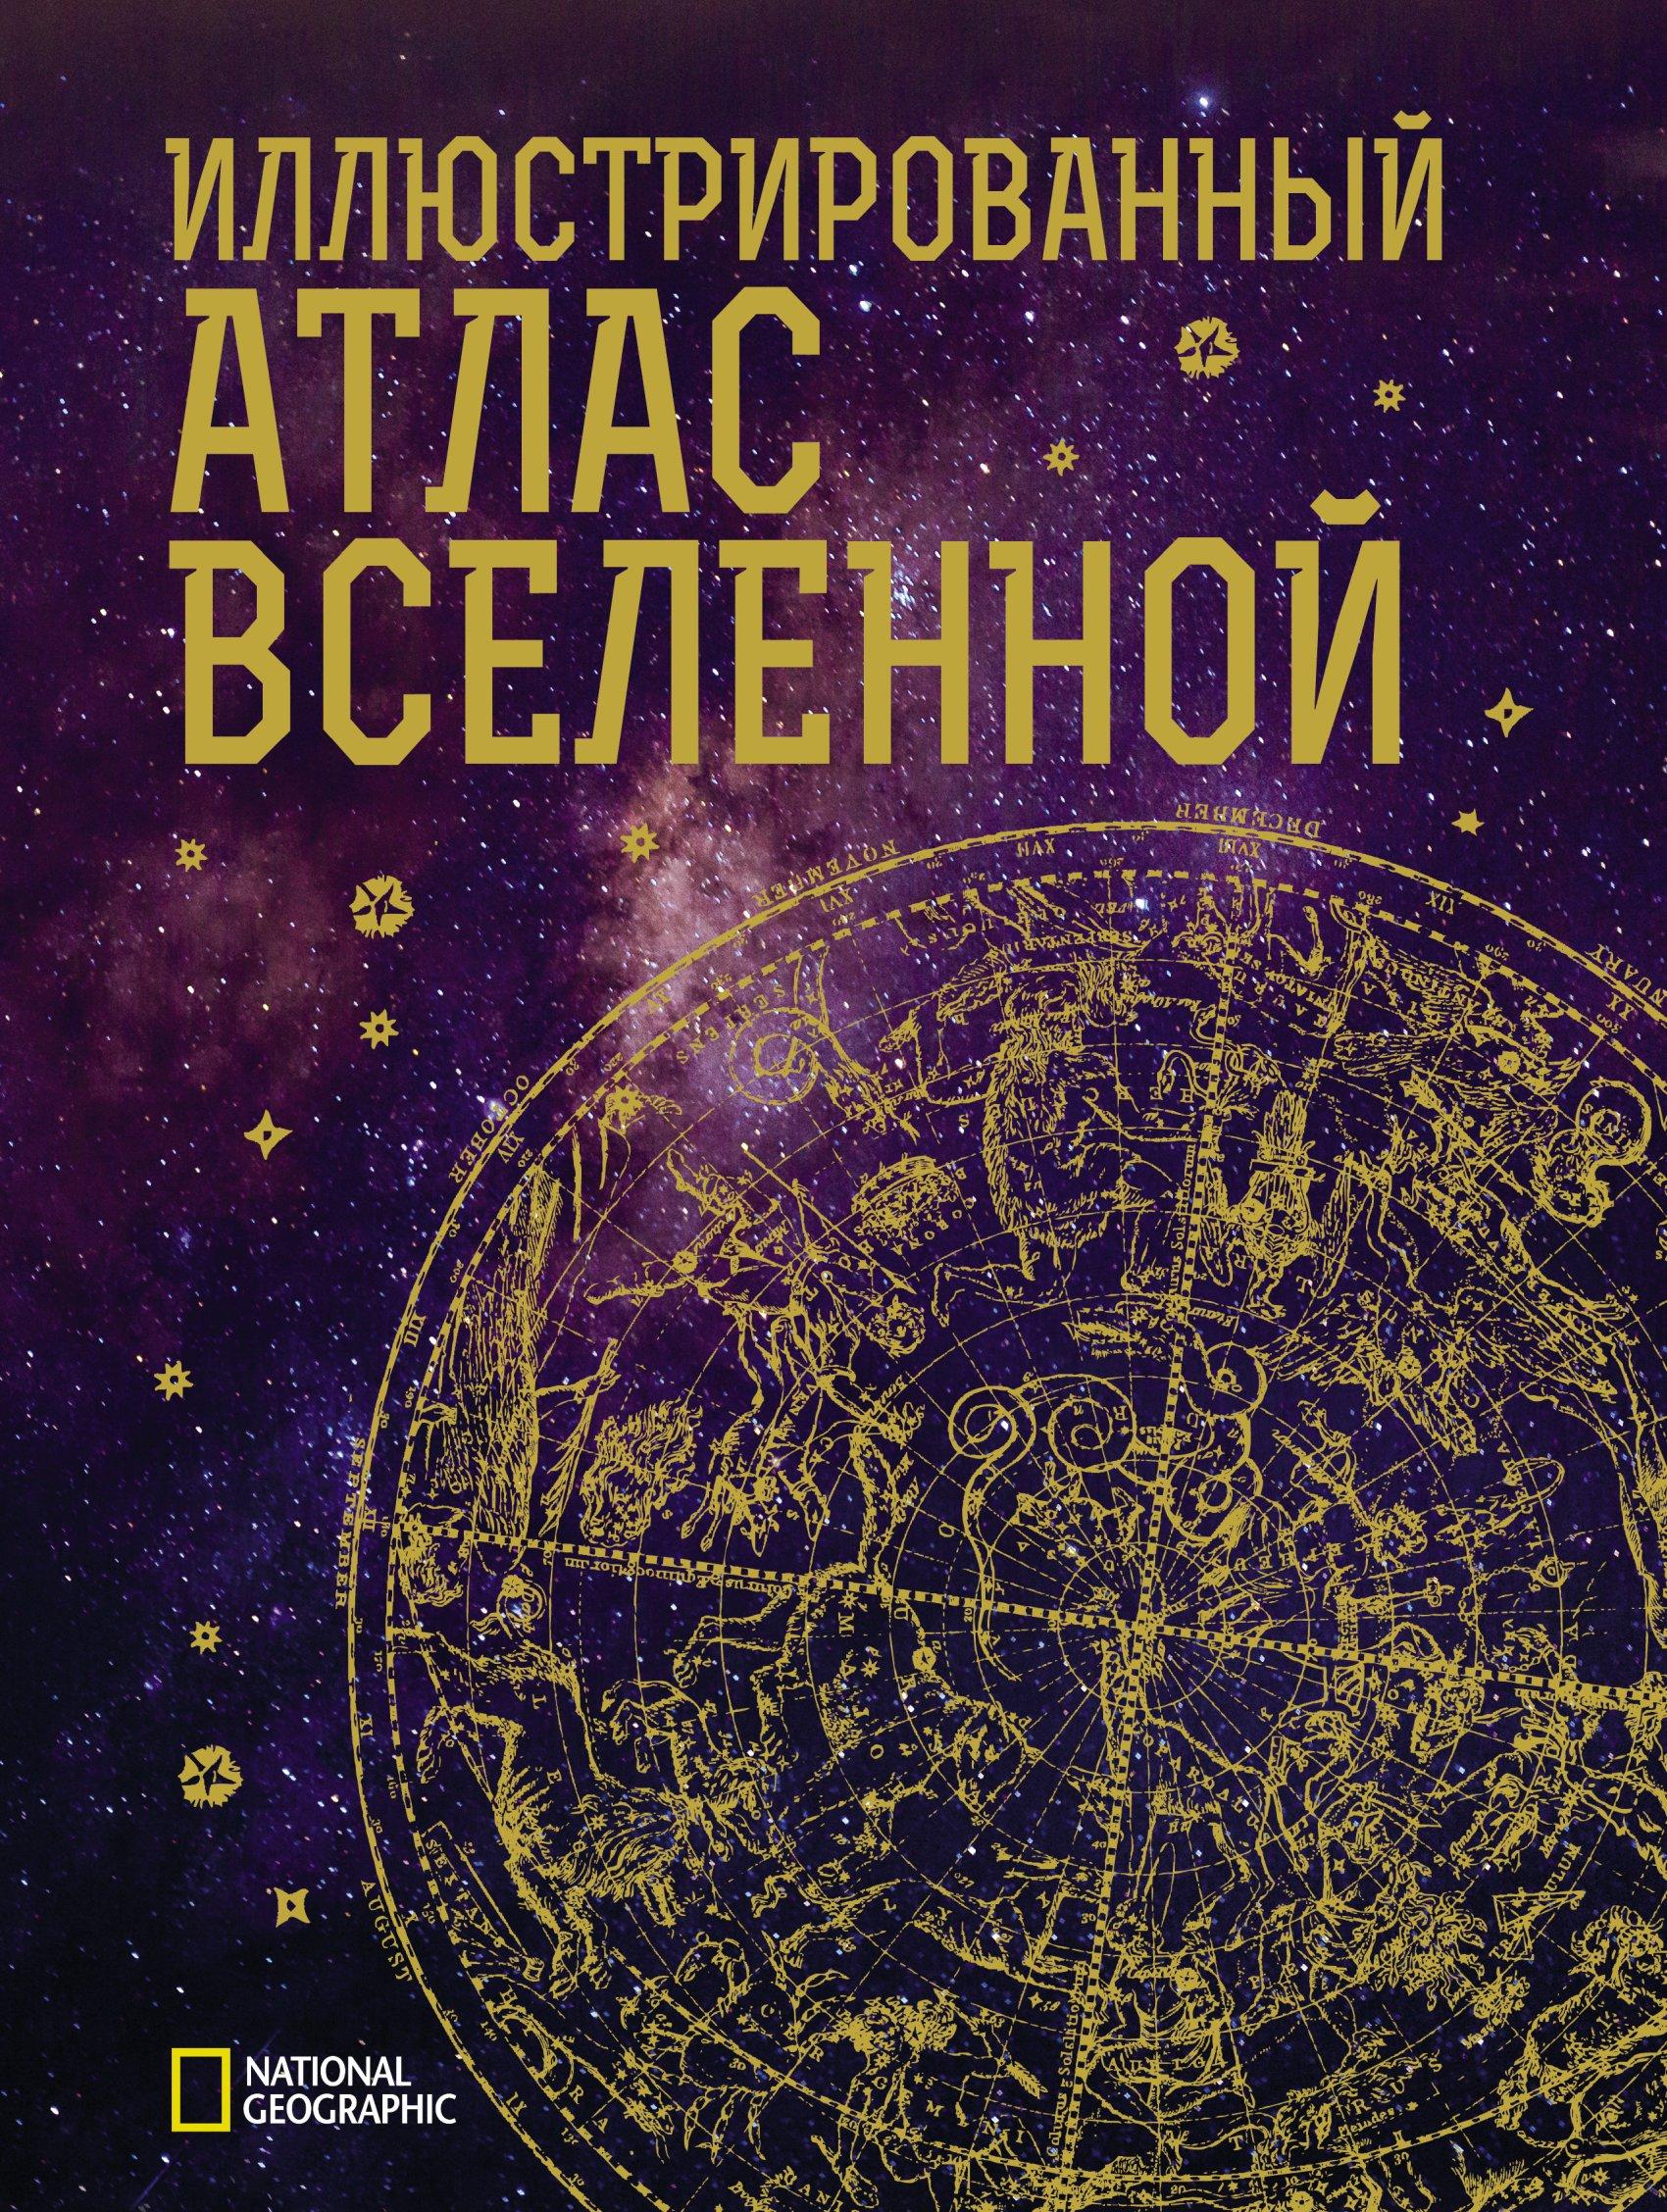 Купить книгу Иллюстрированный атлас Вселенной, автора